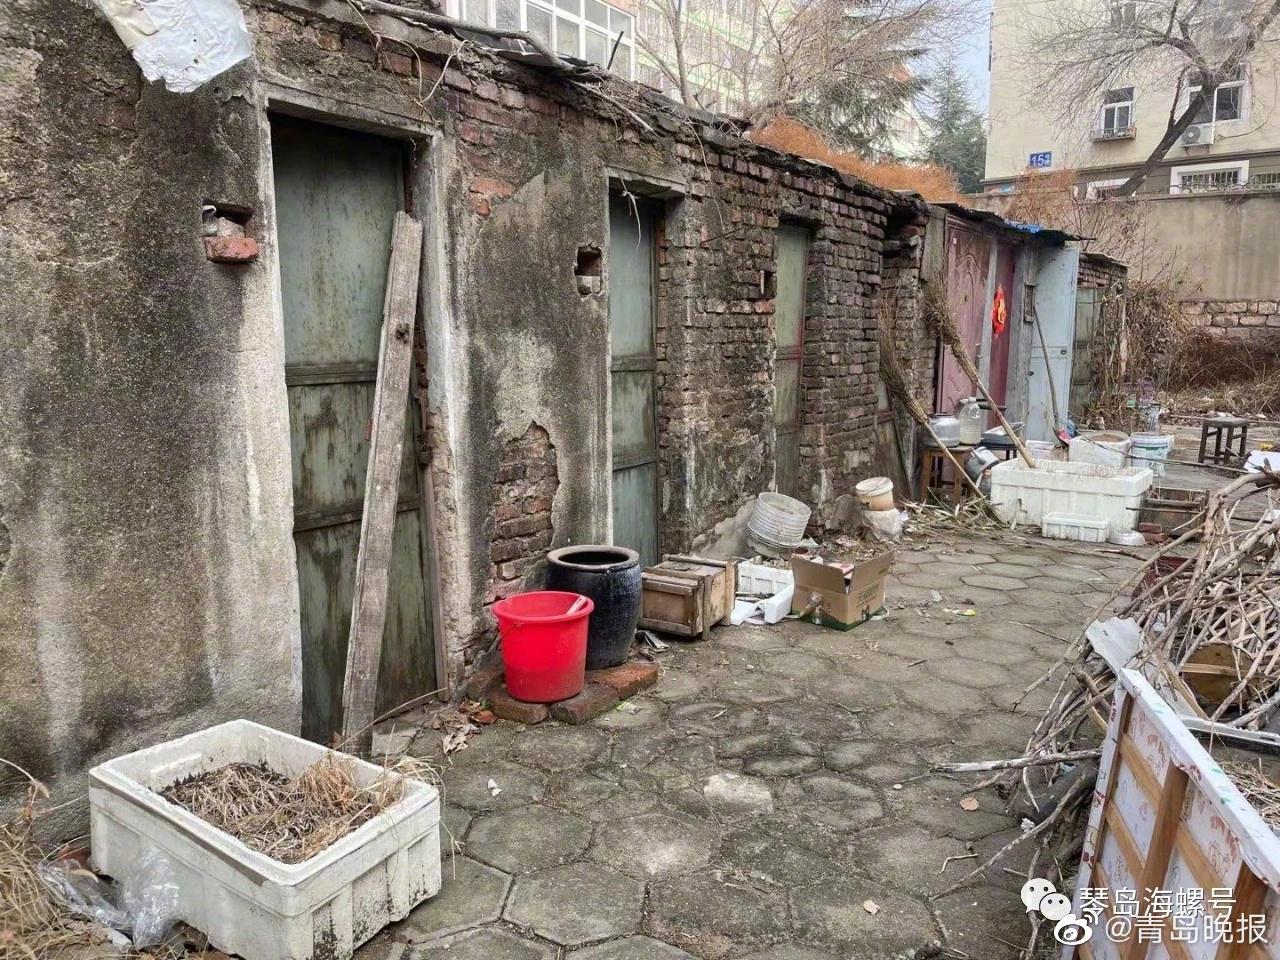 渗水、裂缝、歪斜……李沧这处5年前就列入改造计划的危房 一次次拆迁诉求为啥总是落了空